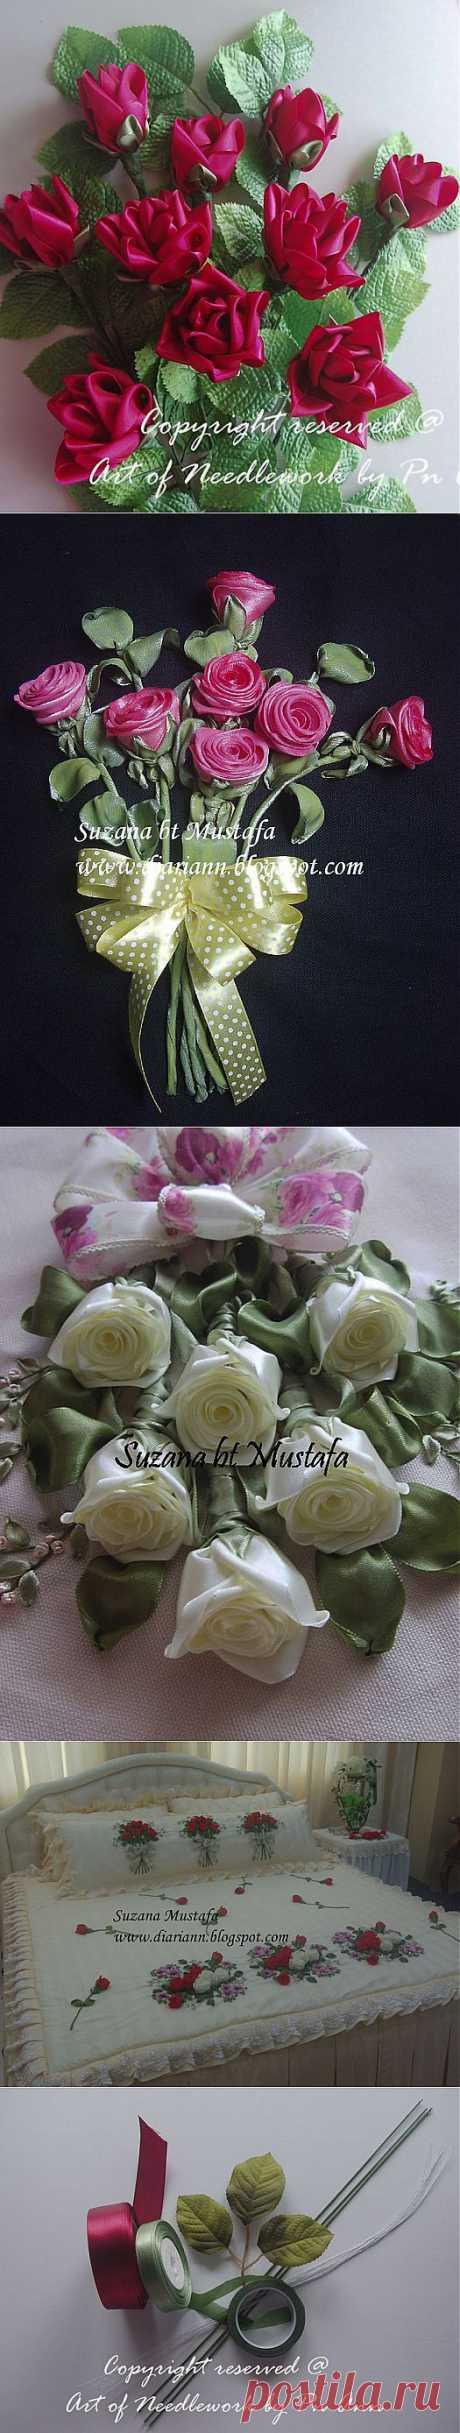 Объемная вышивка лентами. РОЗЫ от Suzana Mustafa.